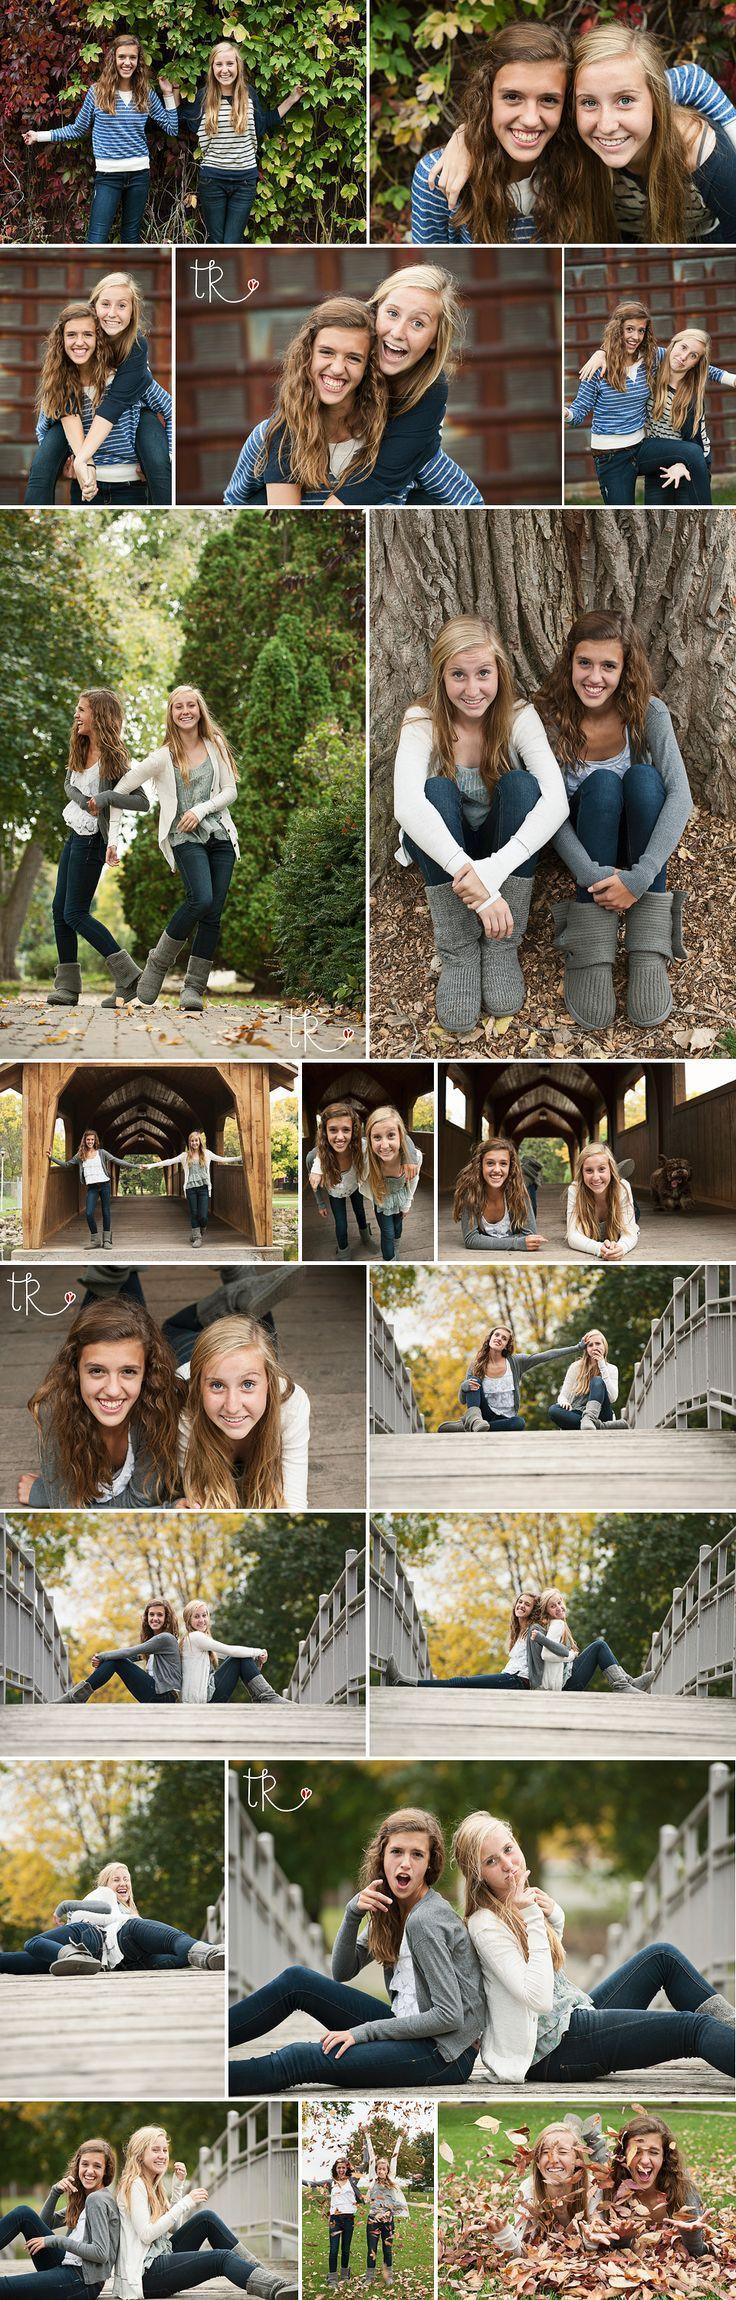 Fotografie Freunde